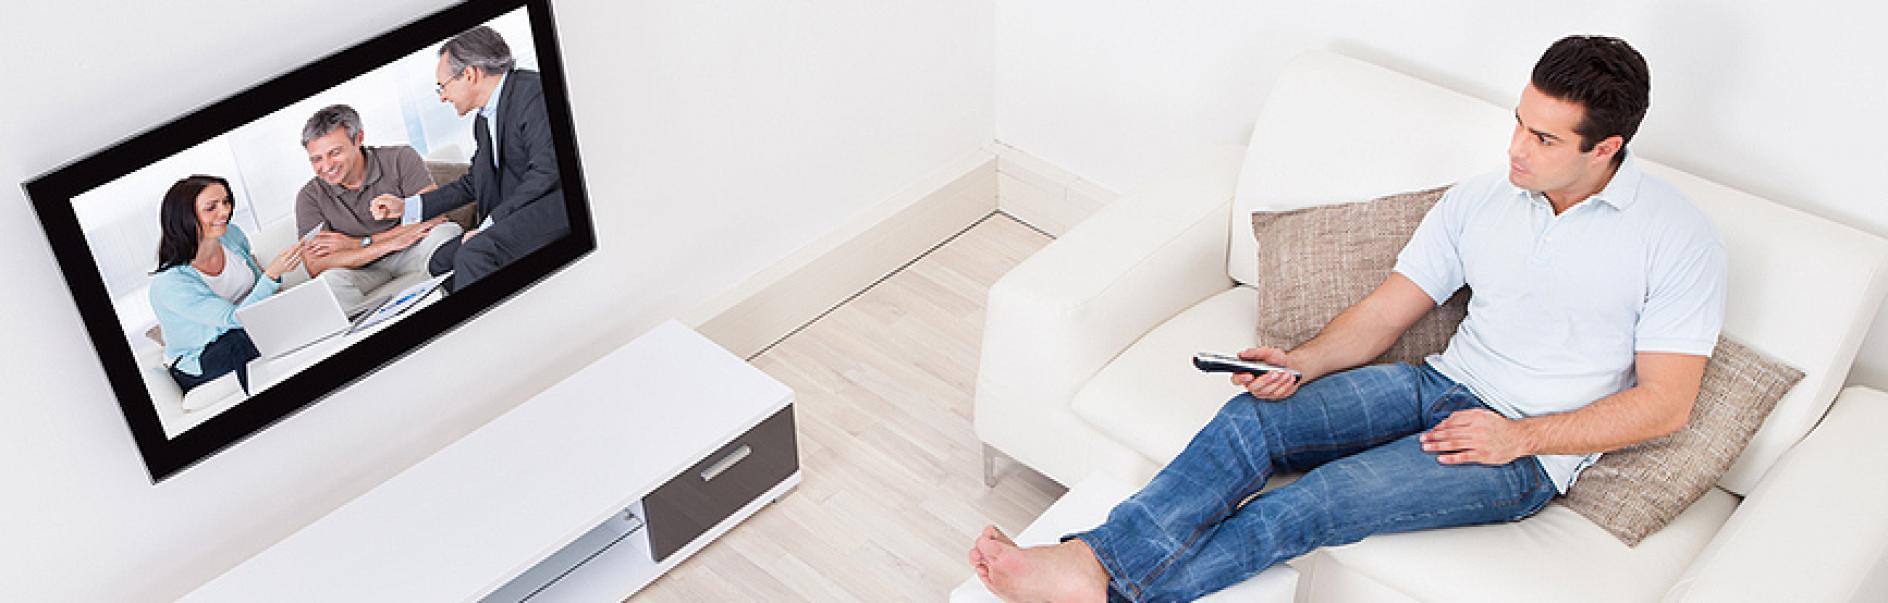 Appendere Tv Muro montaggio di un televisore a schermo piatto a parete